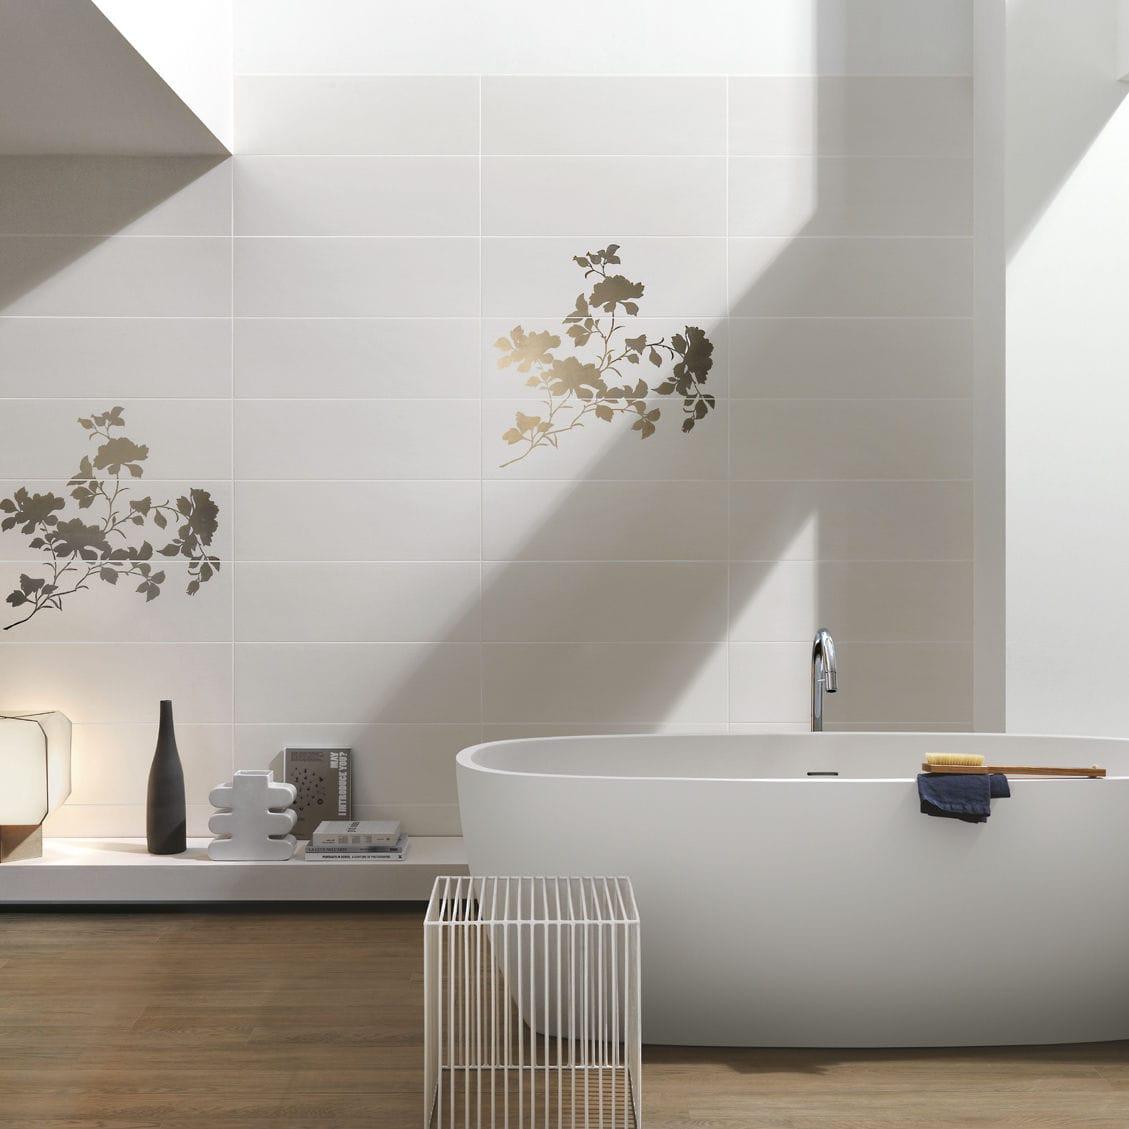 fliesen fr badezimmer fr wandbespannungen aus keramik samtaspekt trend ragno